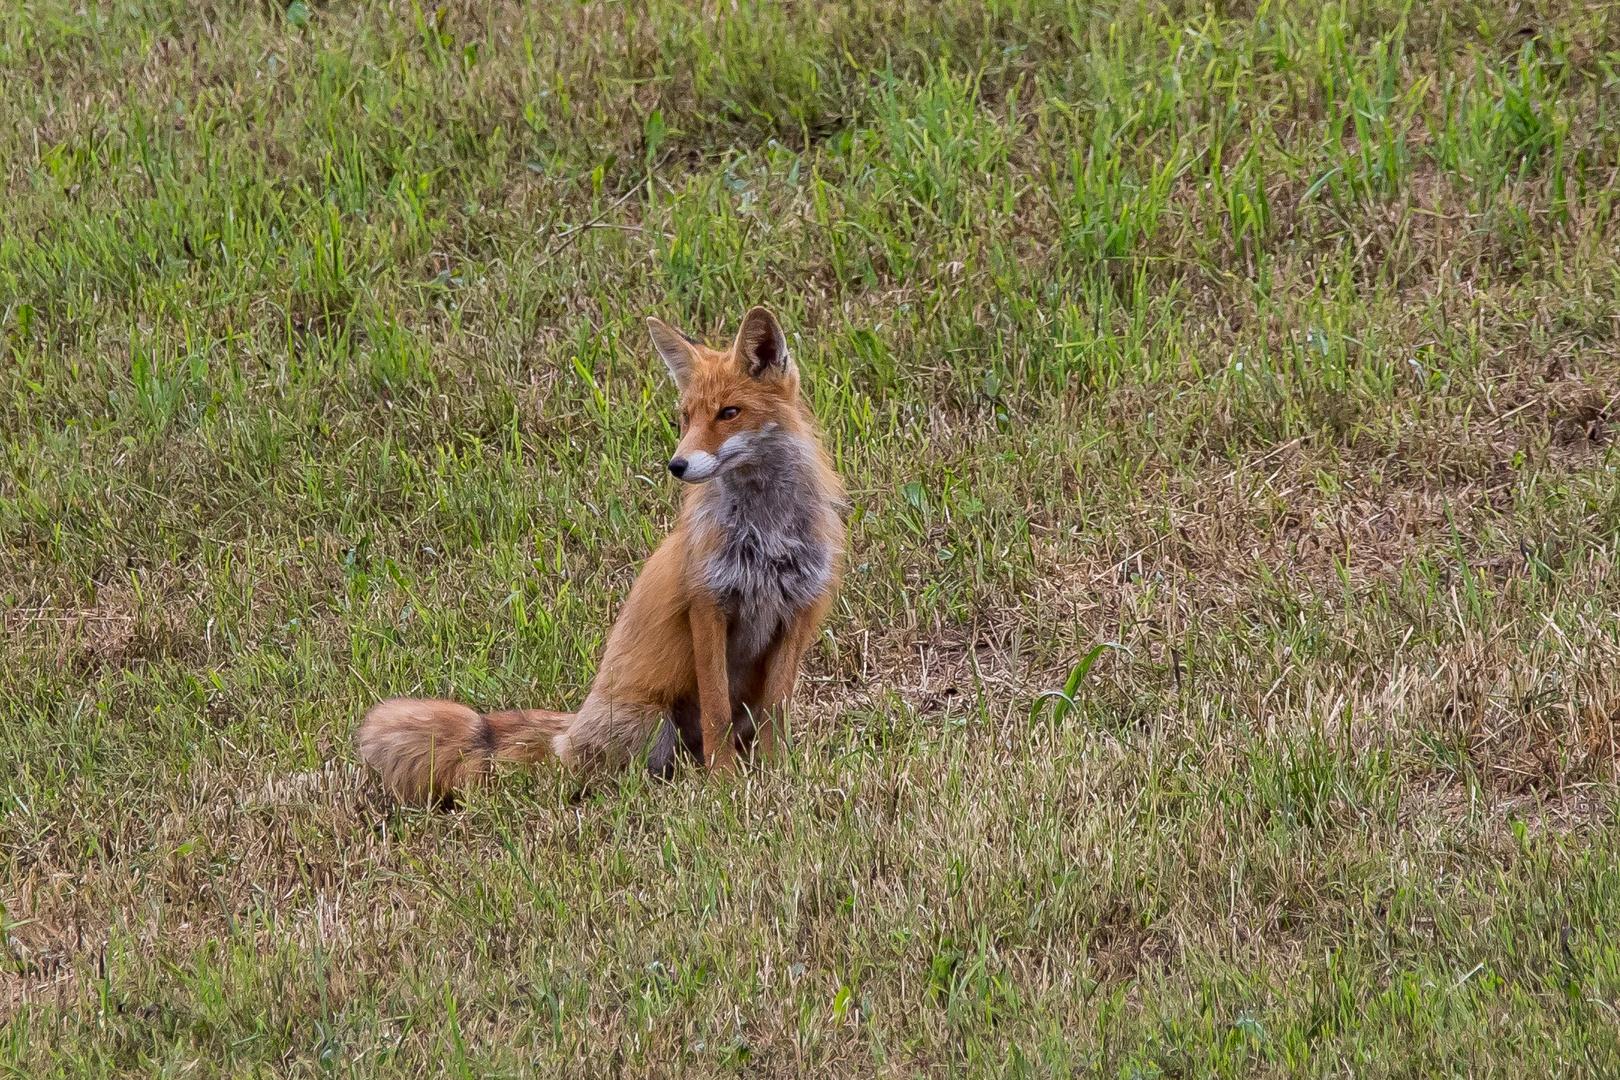 Fuchs in Pose